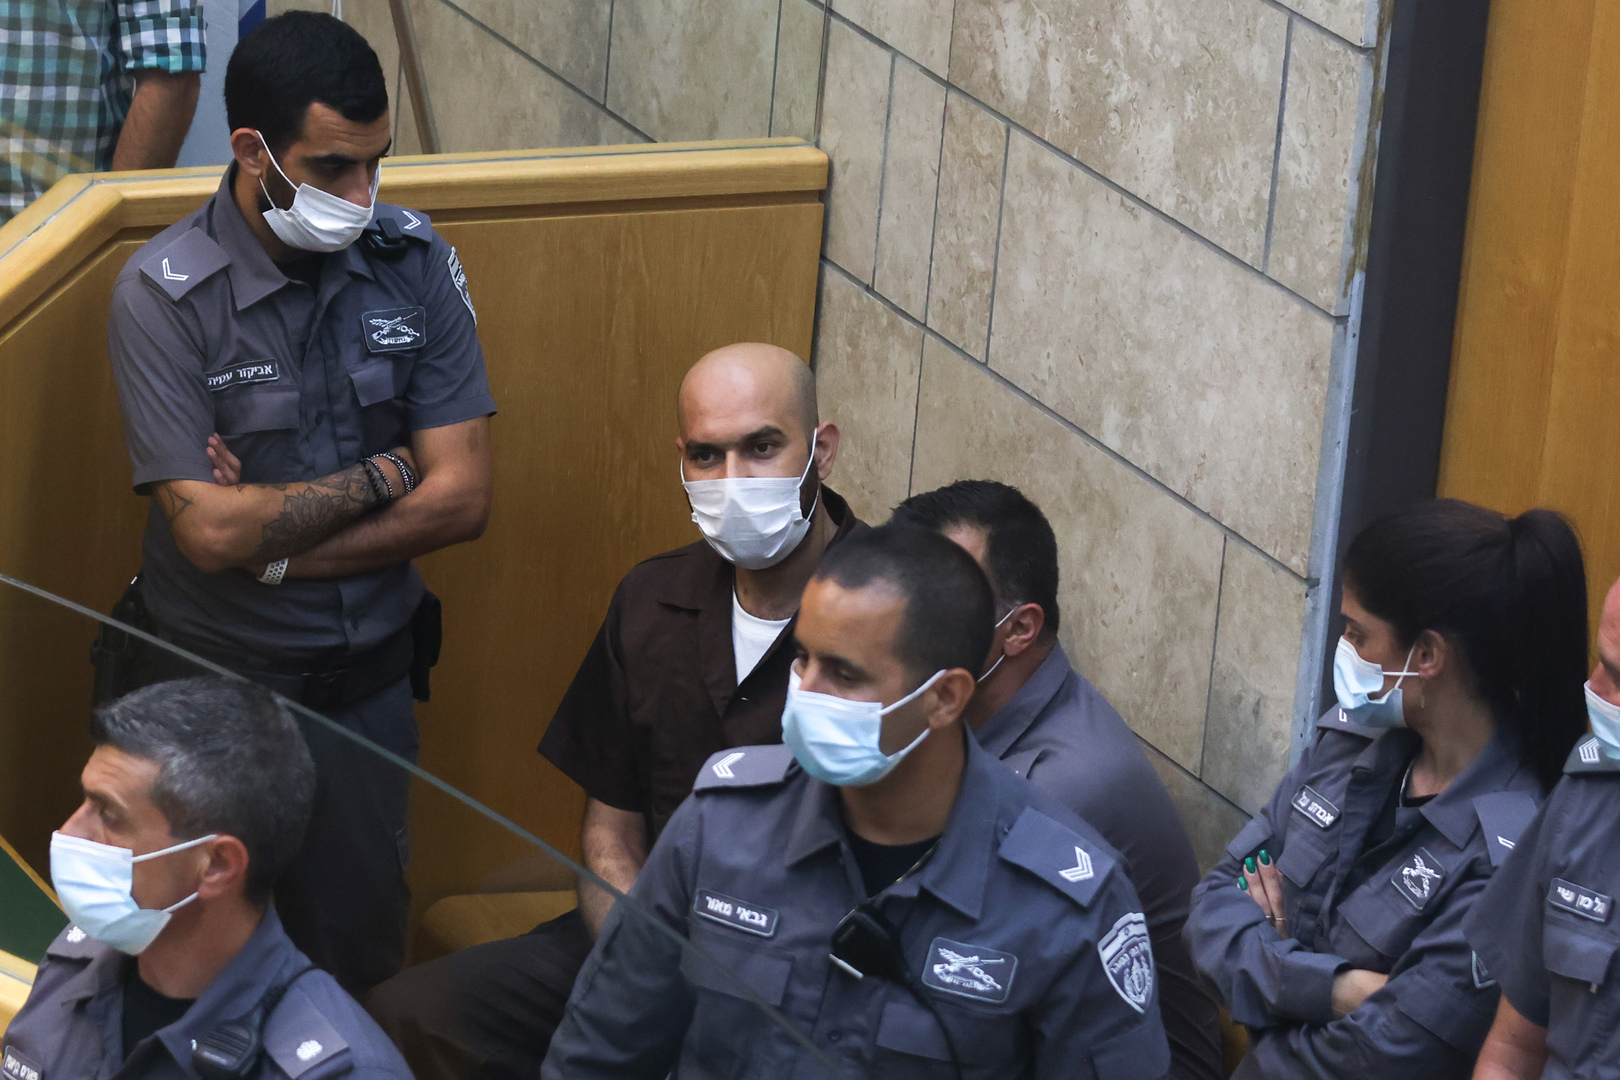 بالفيديو : قيادي فلسطيني يكشف عن خطأ ارتكبه الأسيران كممجي ونفيعات أدى إلى اعتقالهما